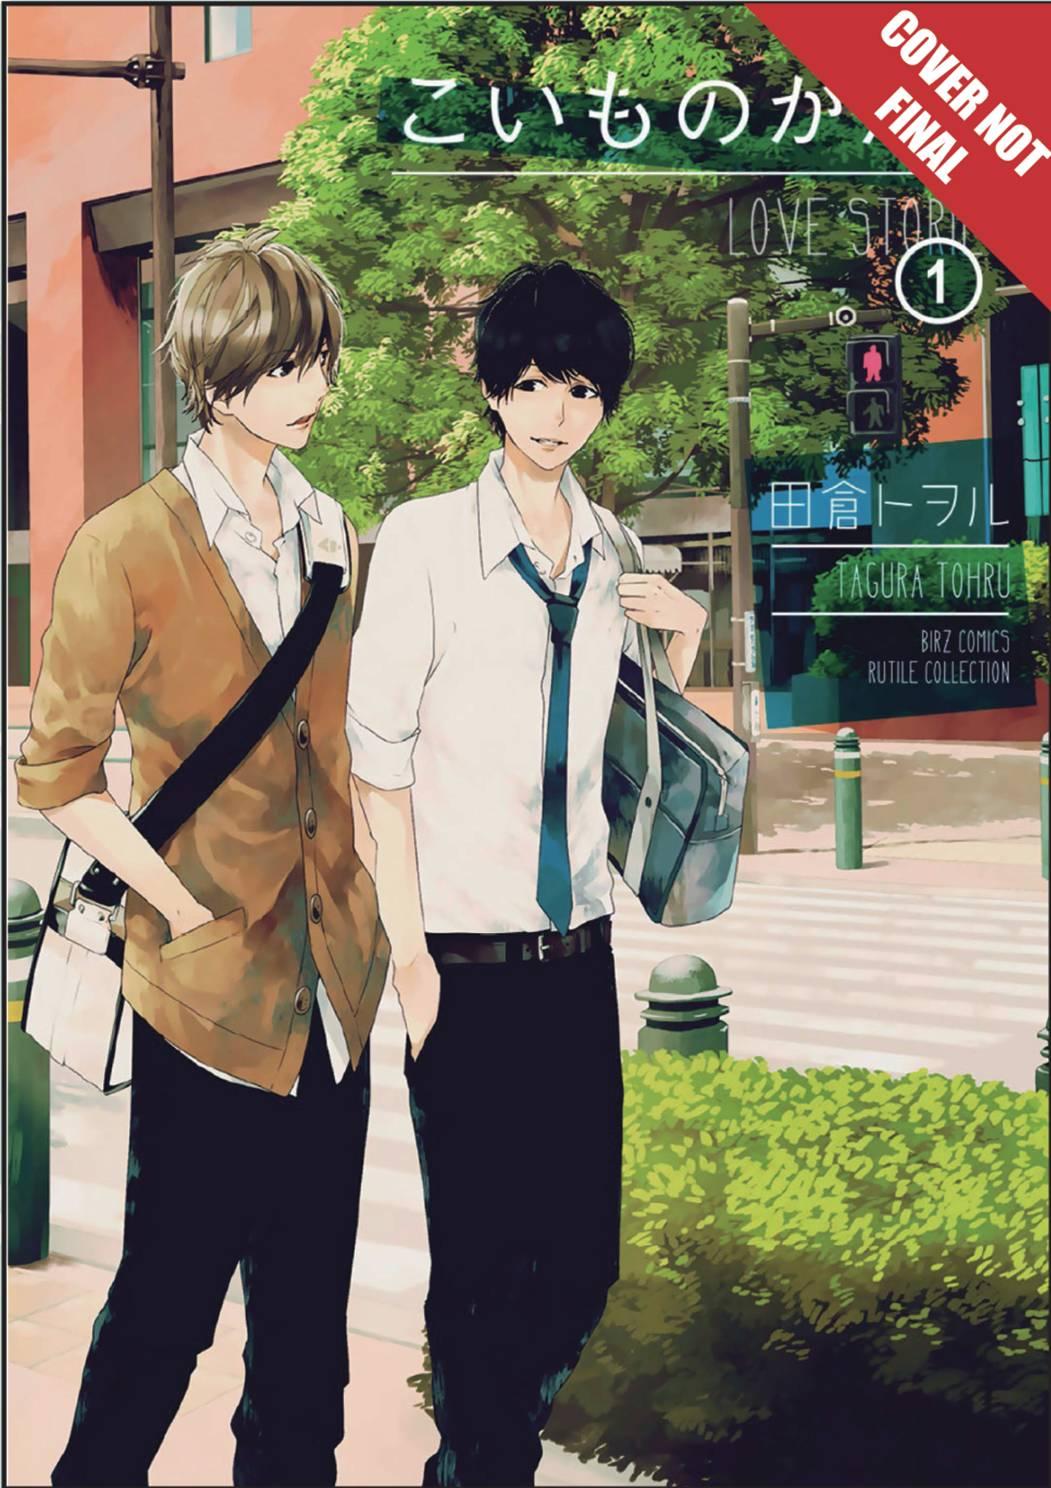 KOI MONOGATARI LOVE STORIES GN 01